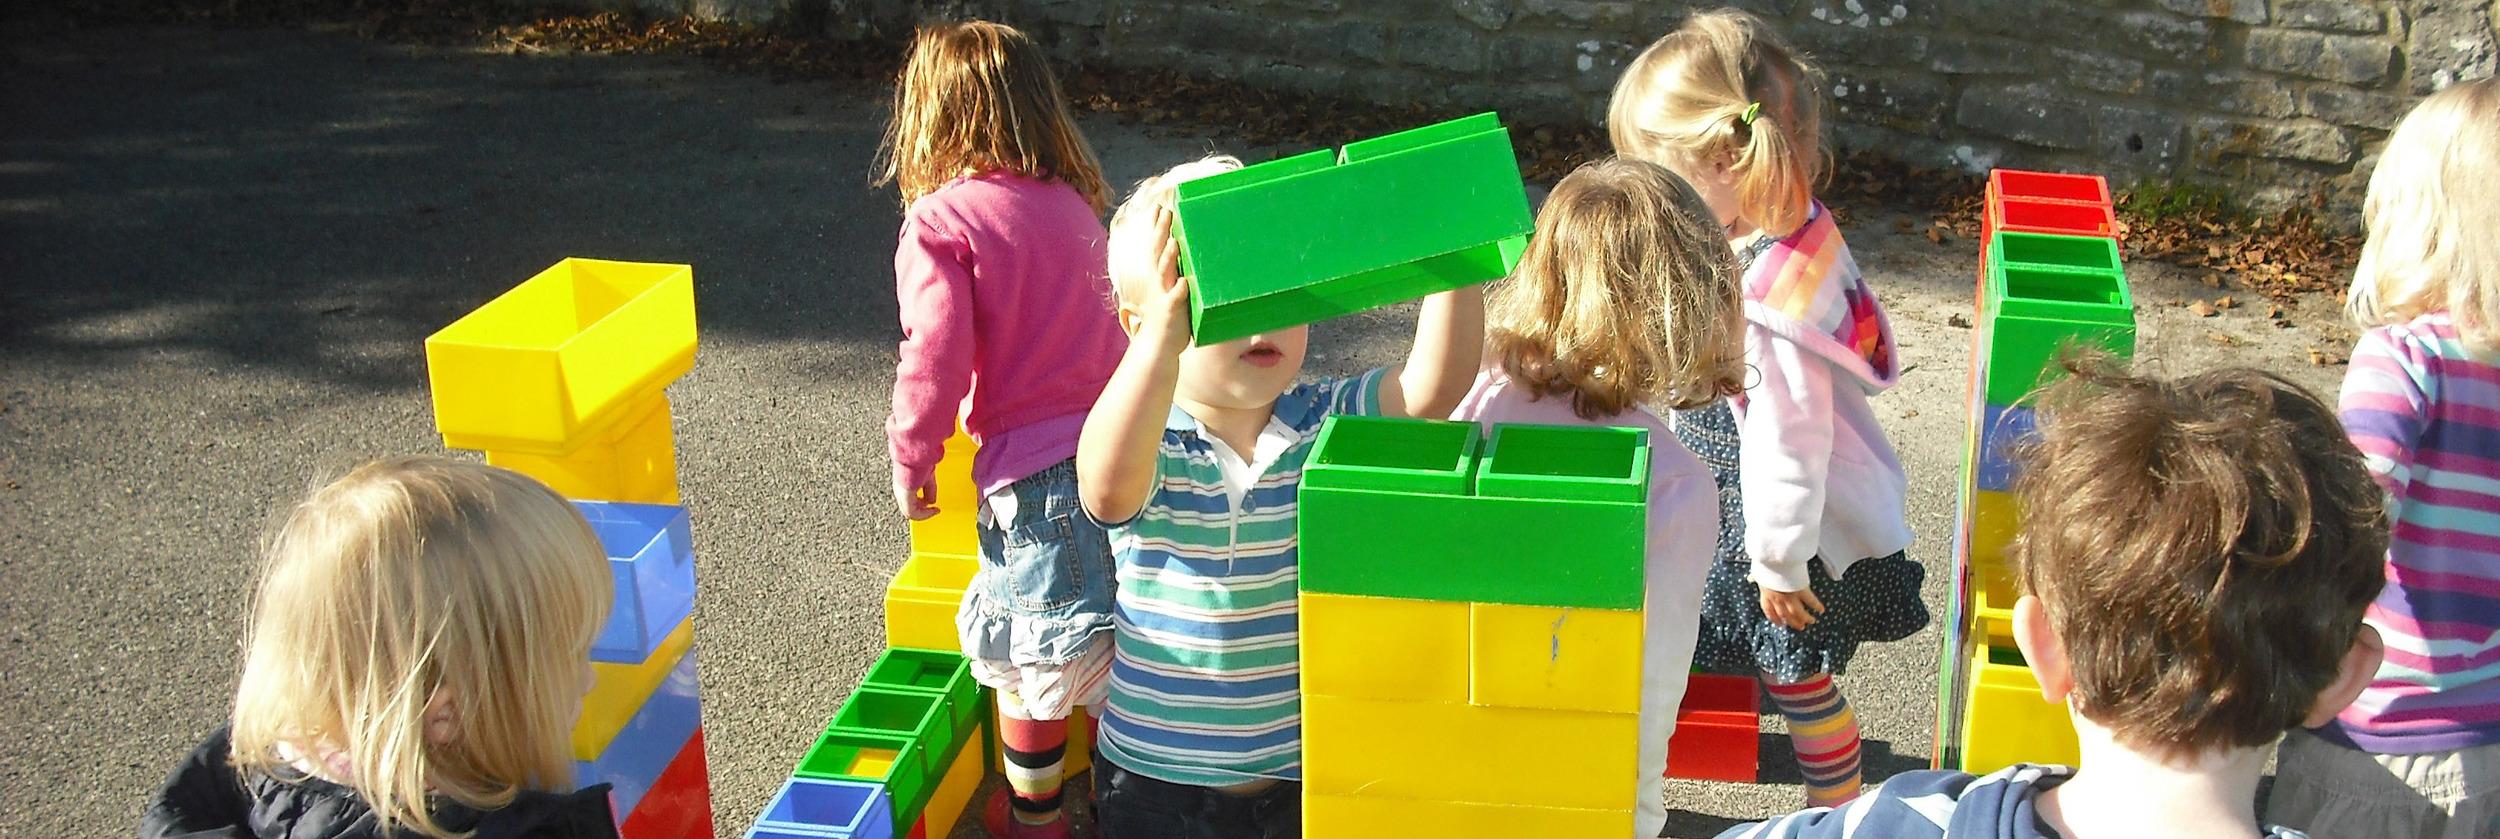 ...building brick by brick